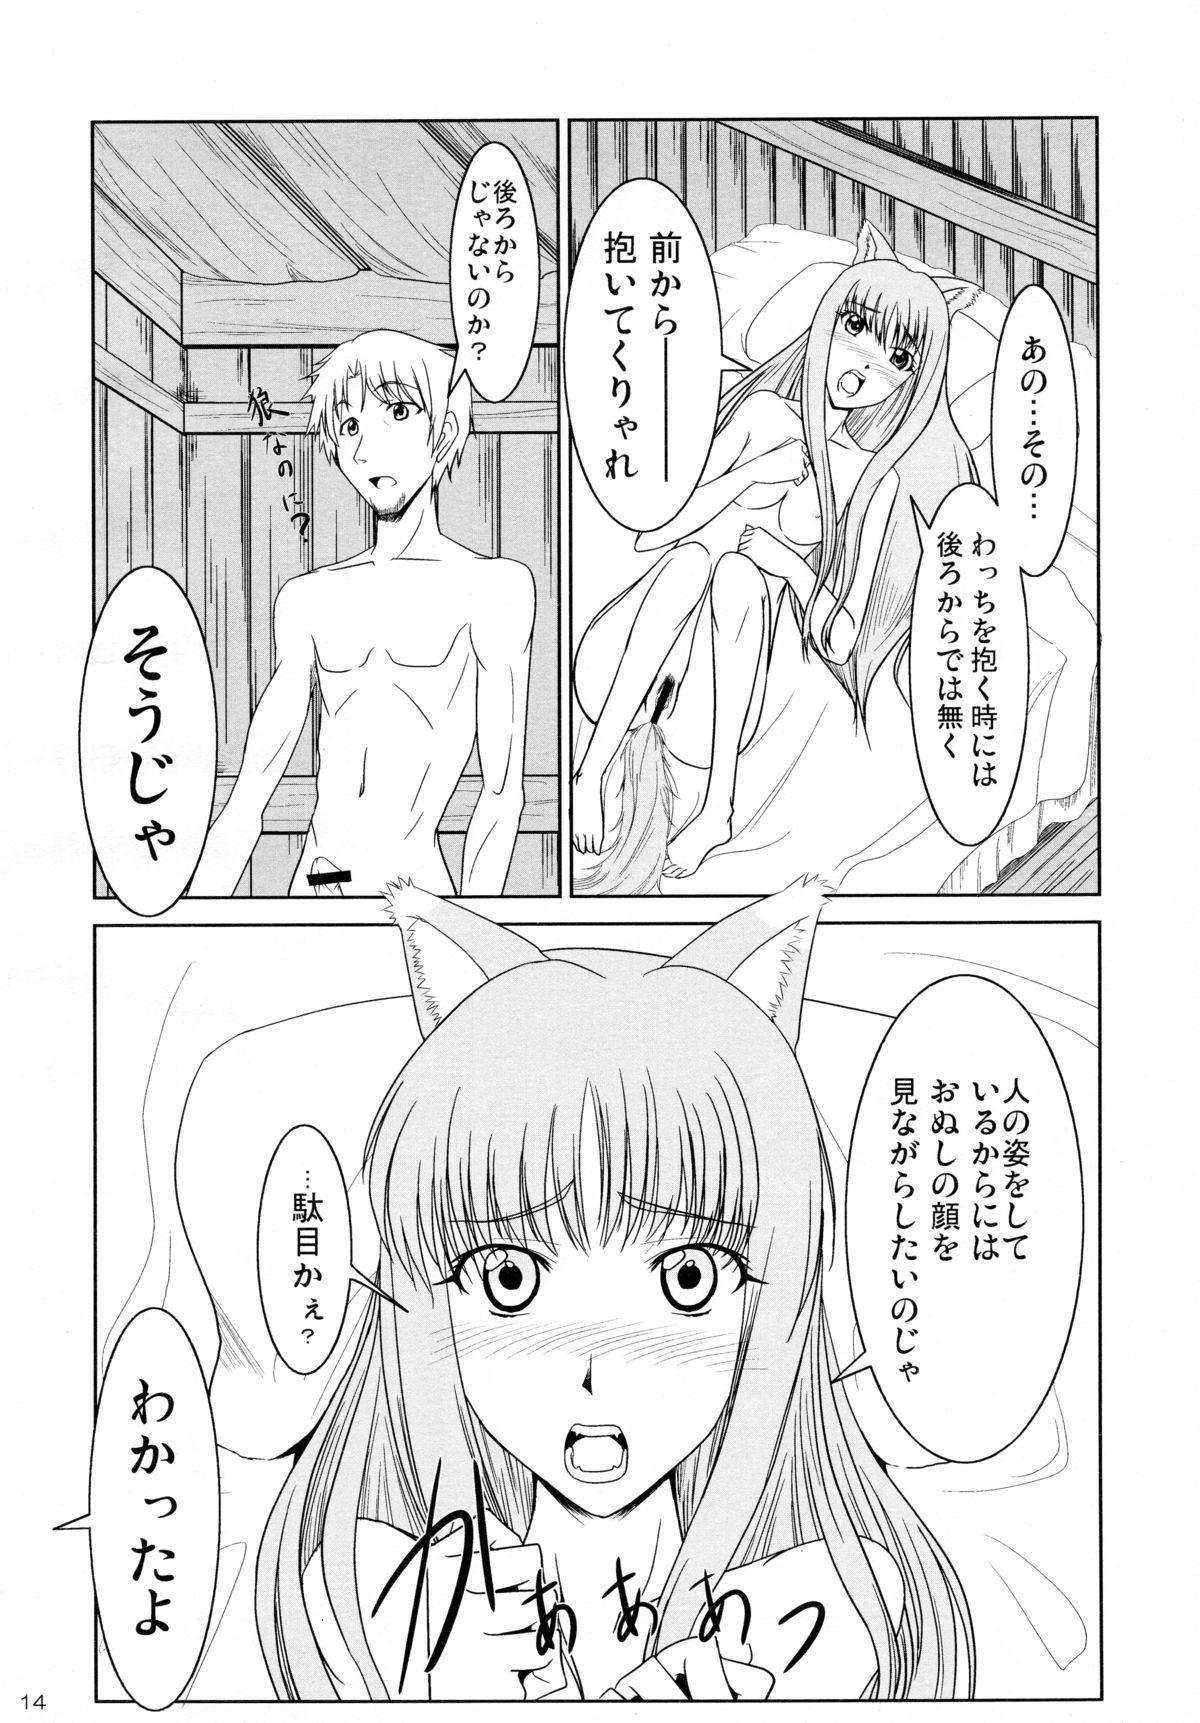 Ookami to Ringo no Hachimitsuzuke 13